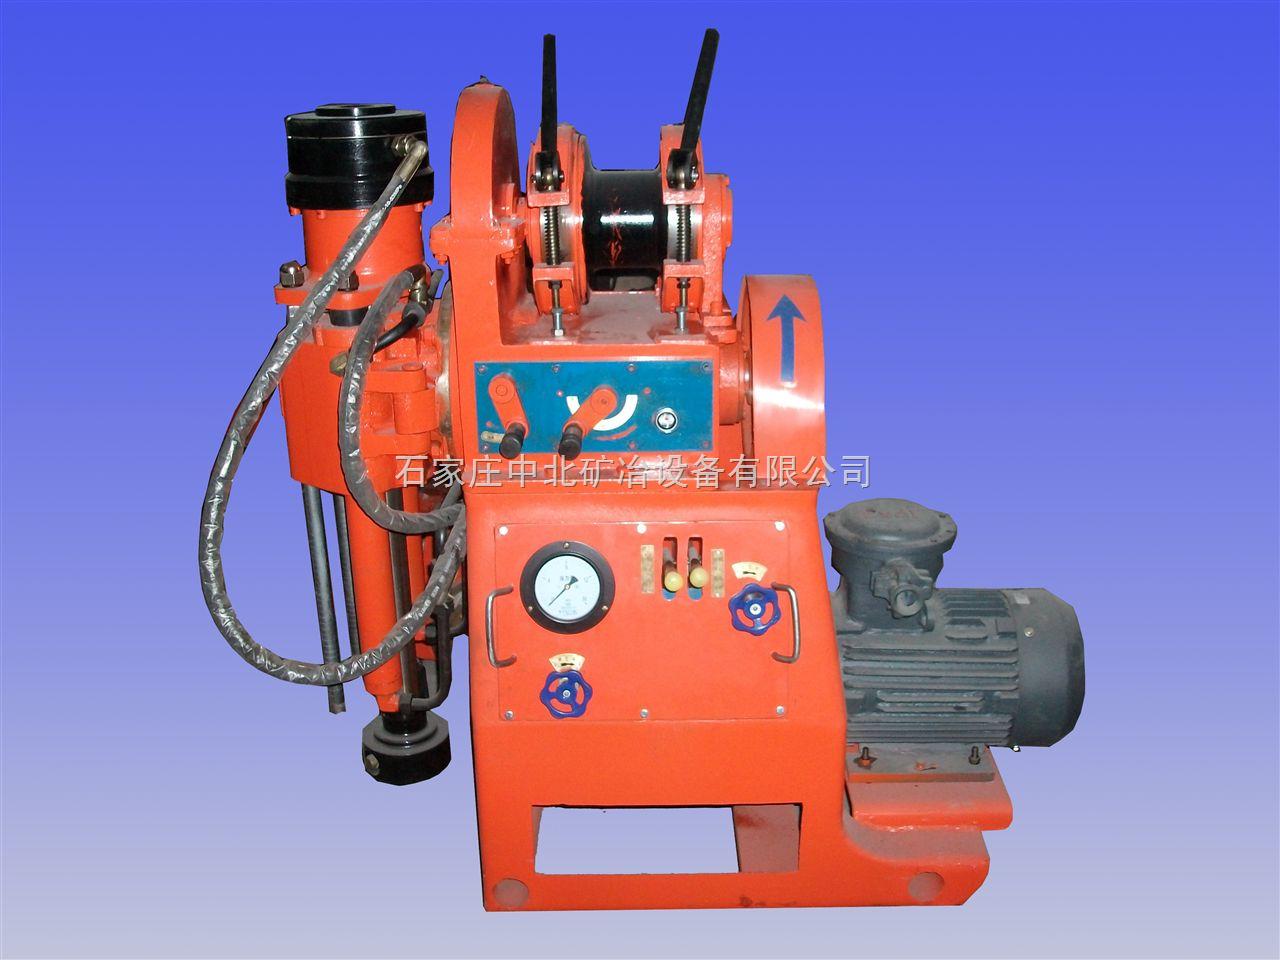 ZLJ-400矿用坑道钻机